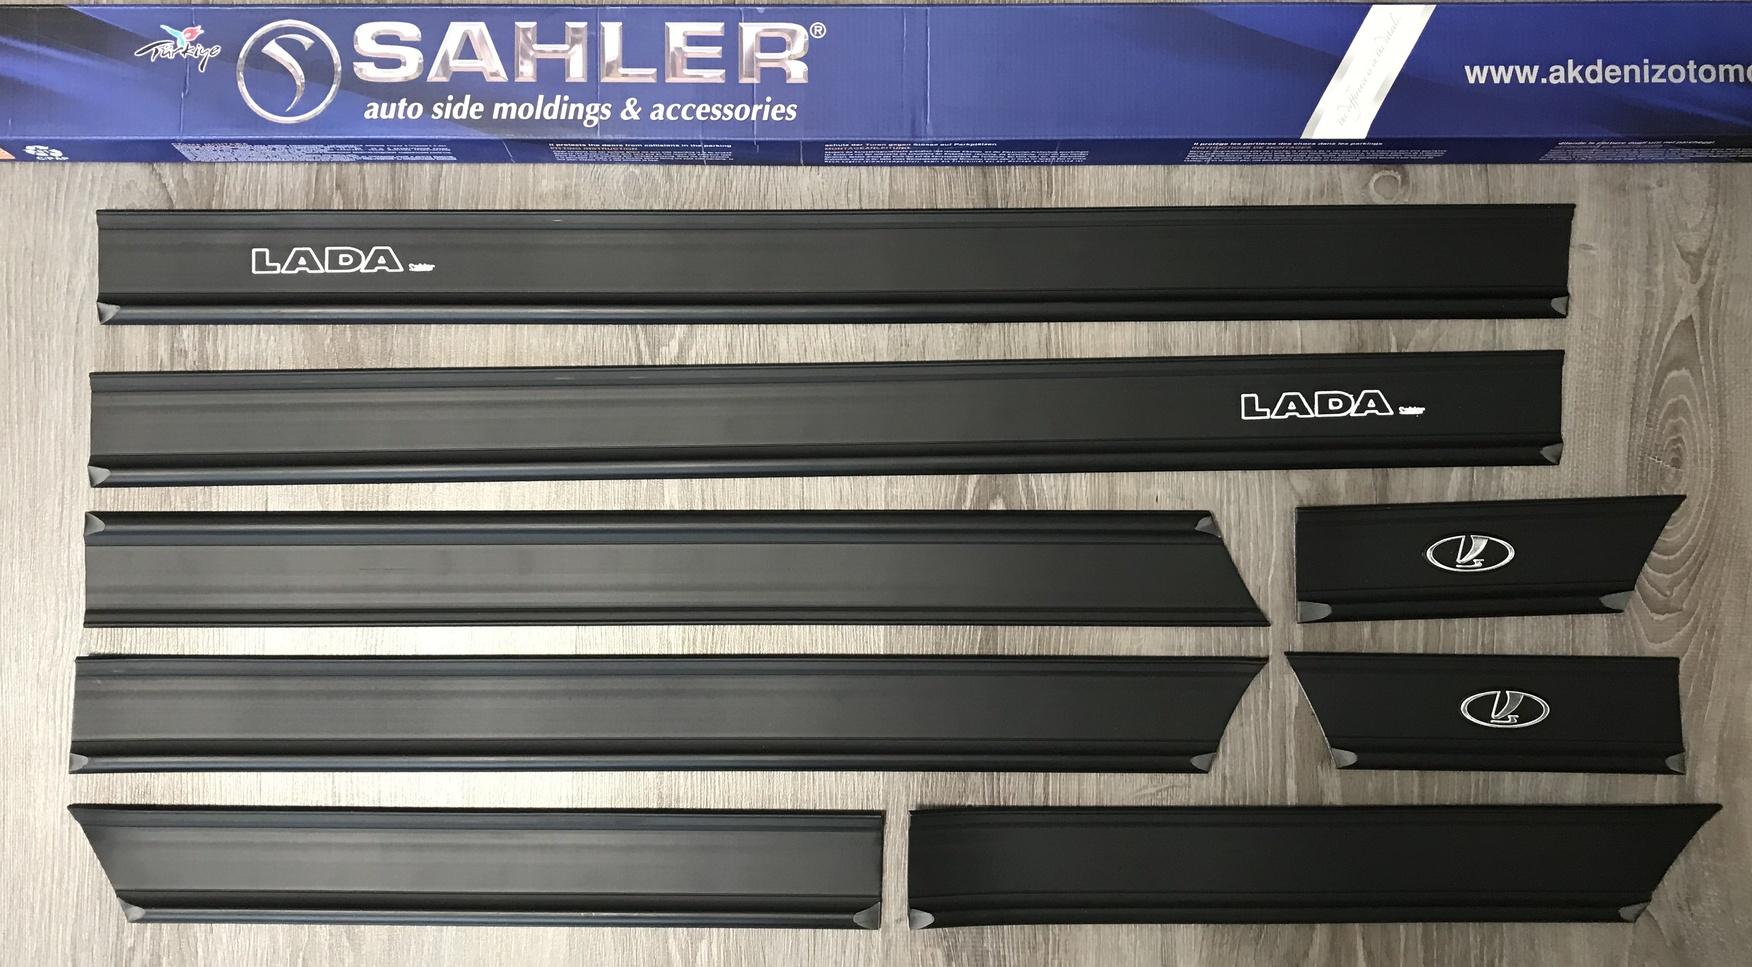 молдинги на ВАЗ 2106, 2107, 2101 SAHLER - купить накладки на двери LADA